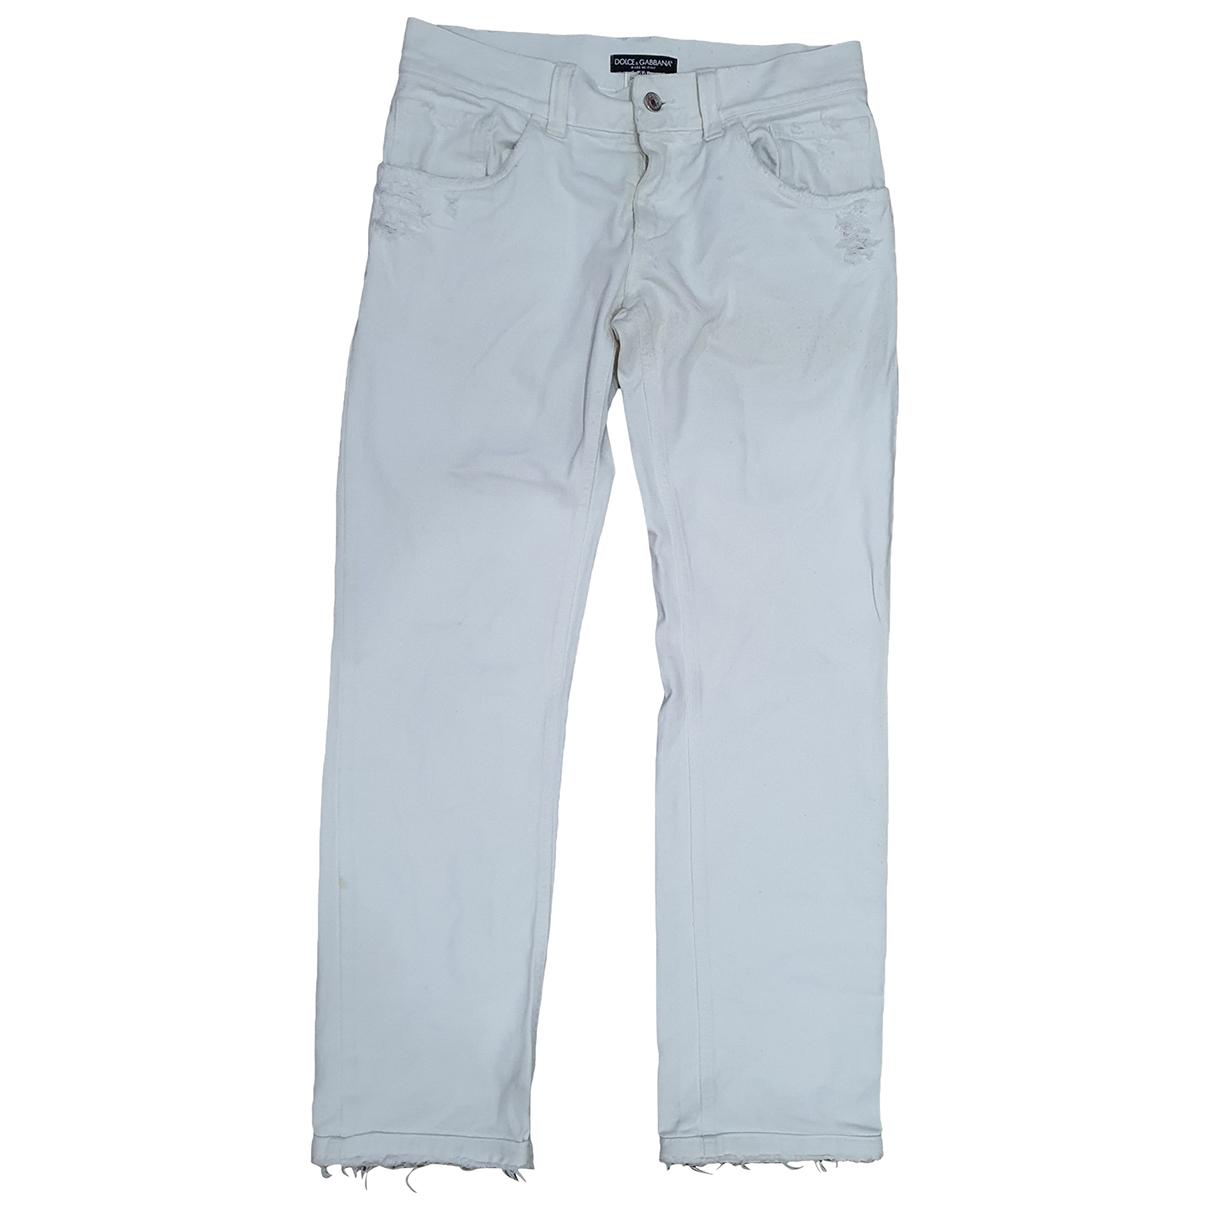 Dolce & Gabbana \N White Denim - Jeans Jeans for Women 44 FR